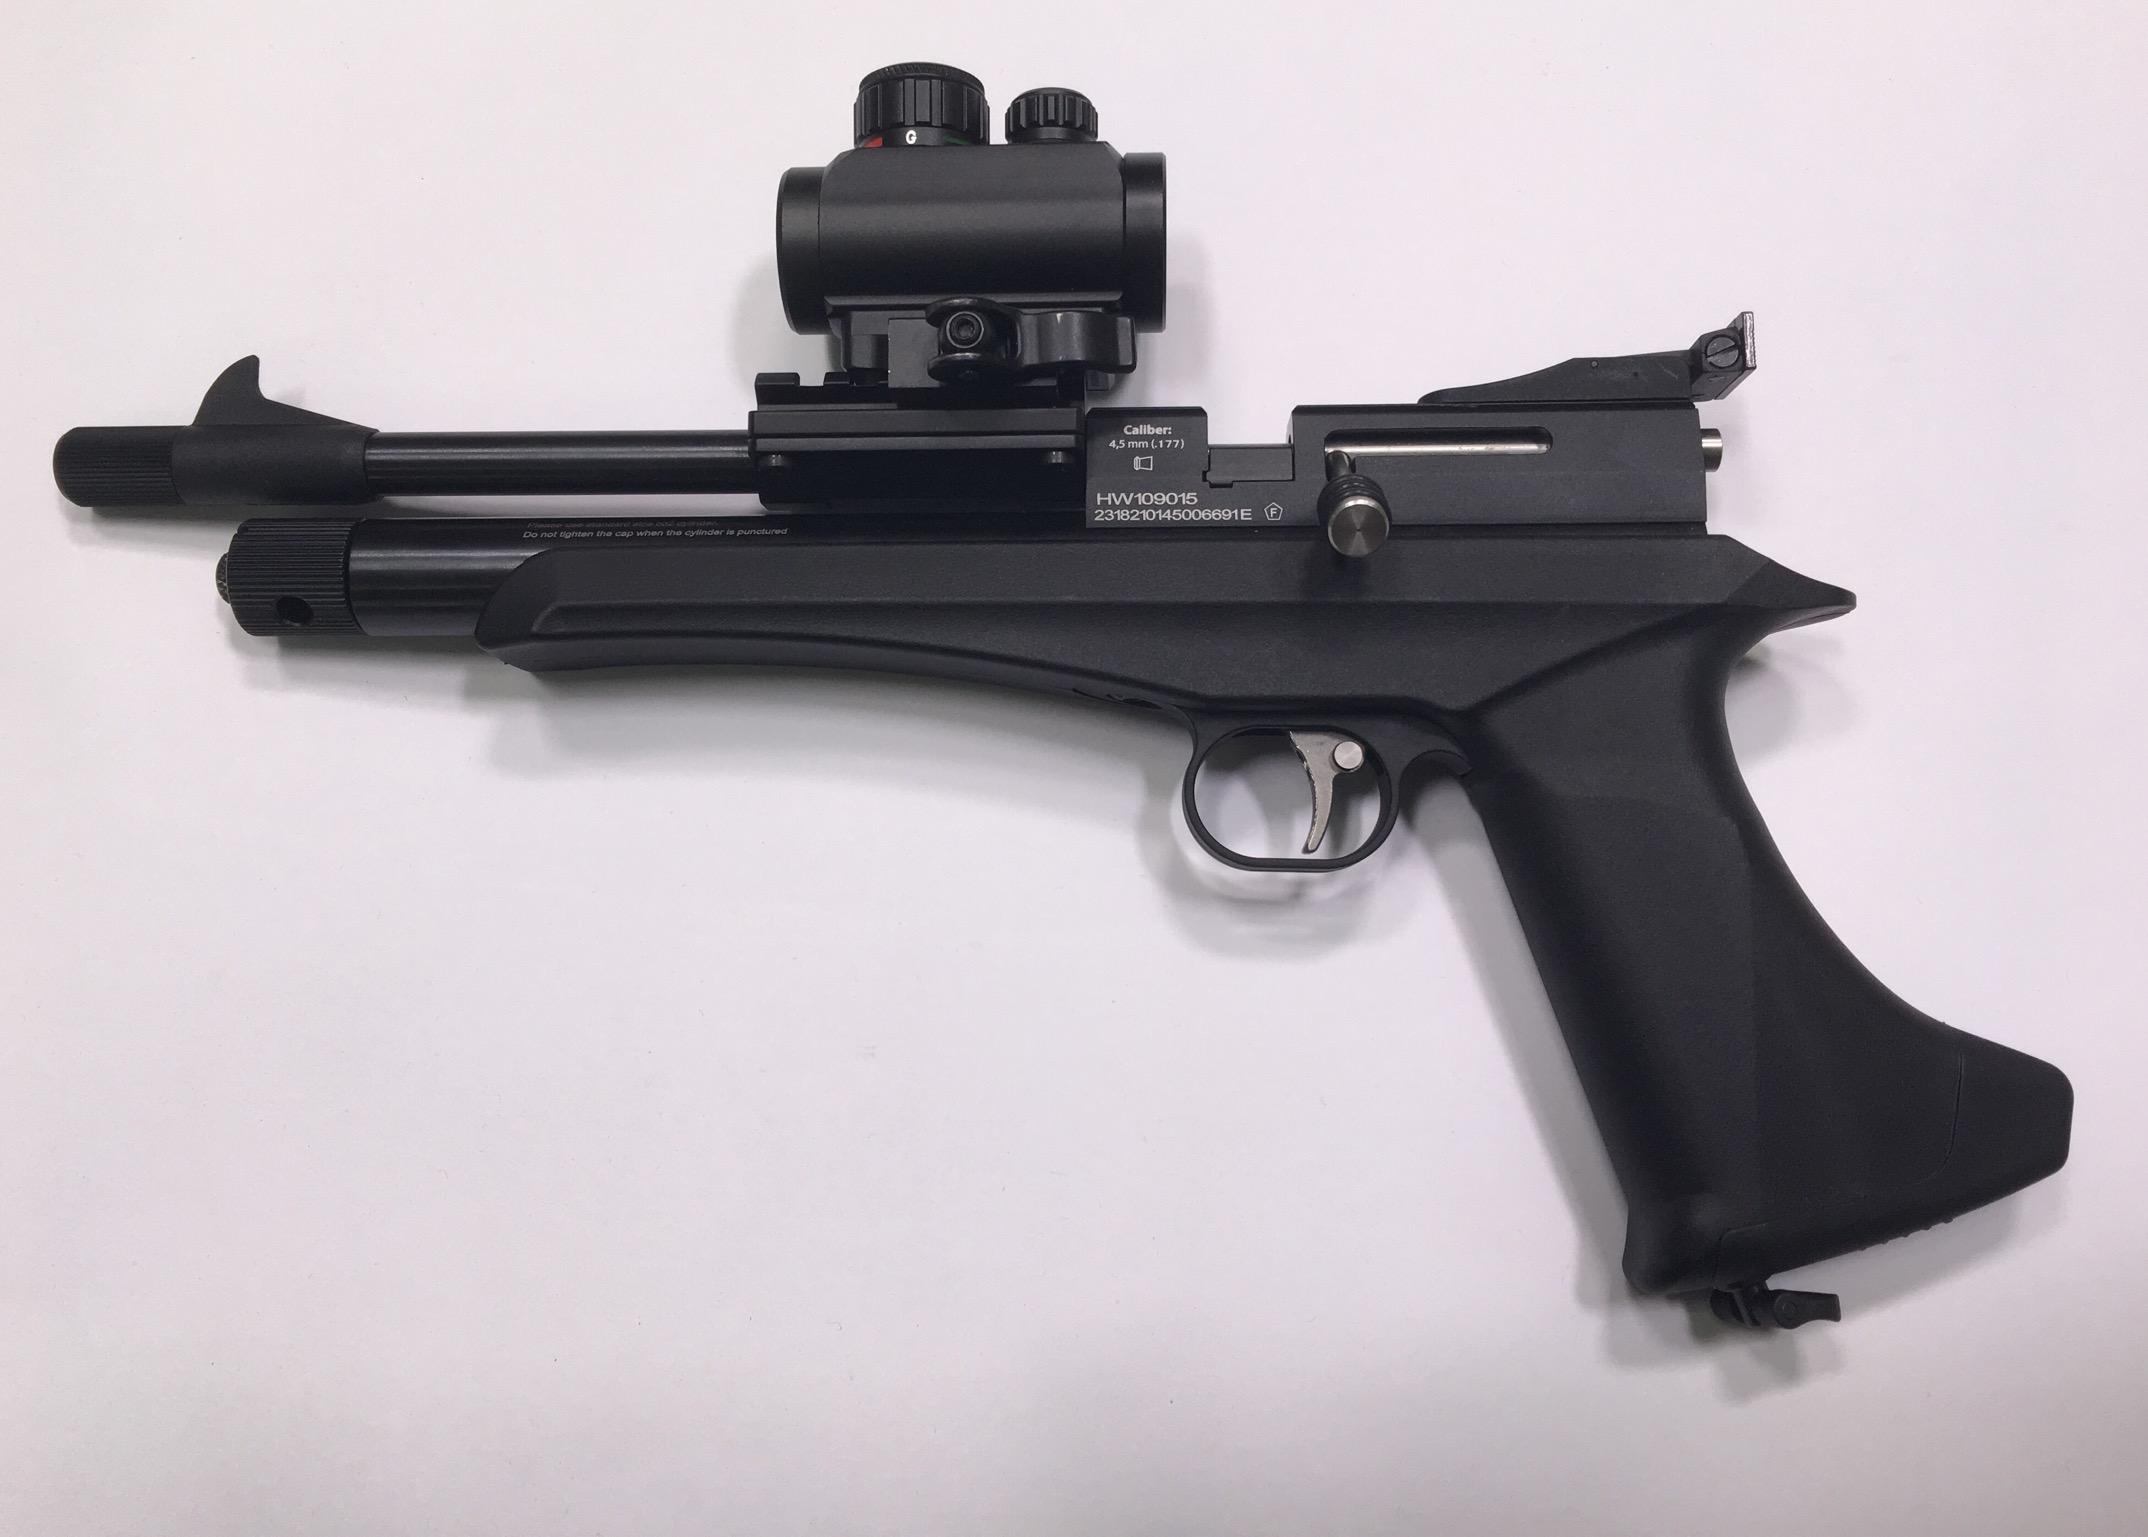 Diana Chaser CO2 Pistole mit montiertem Leuchtpunktvisier